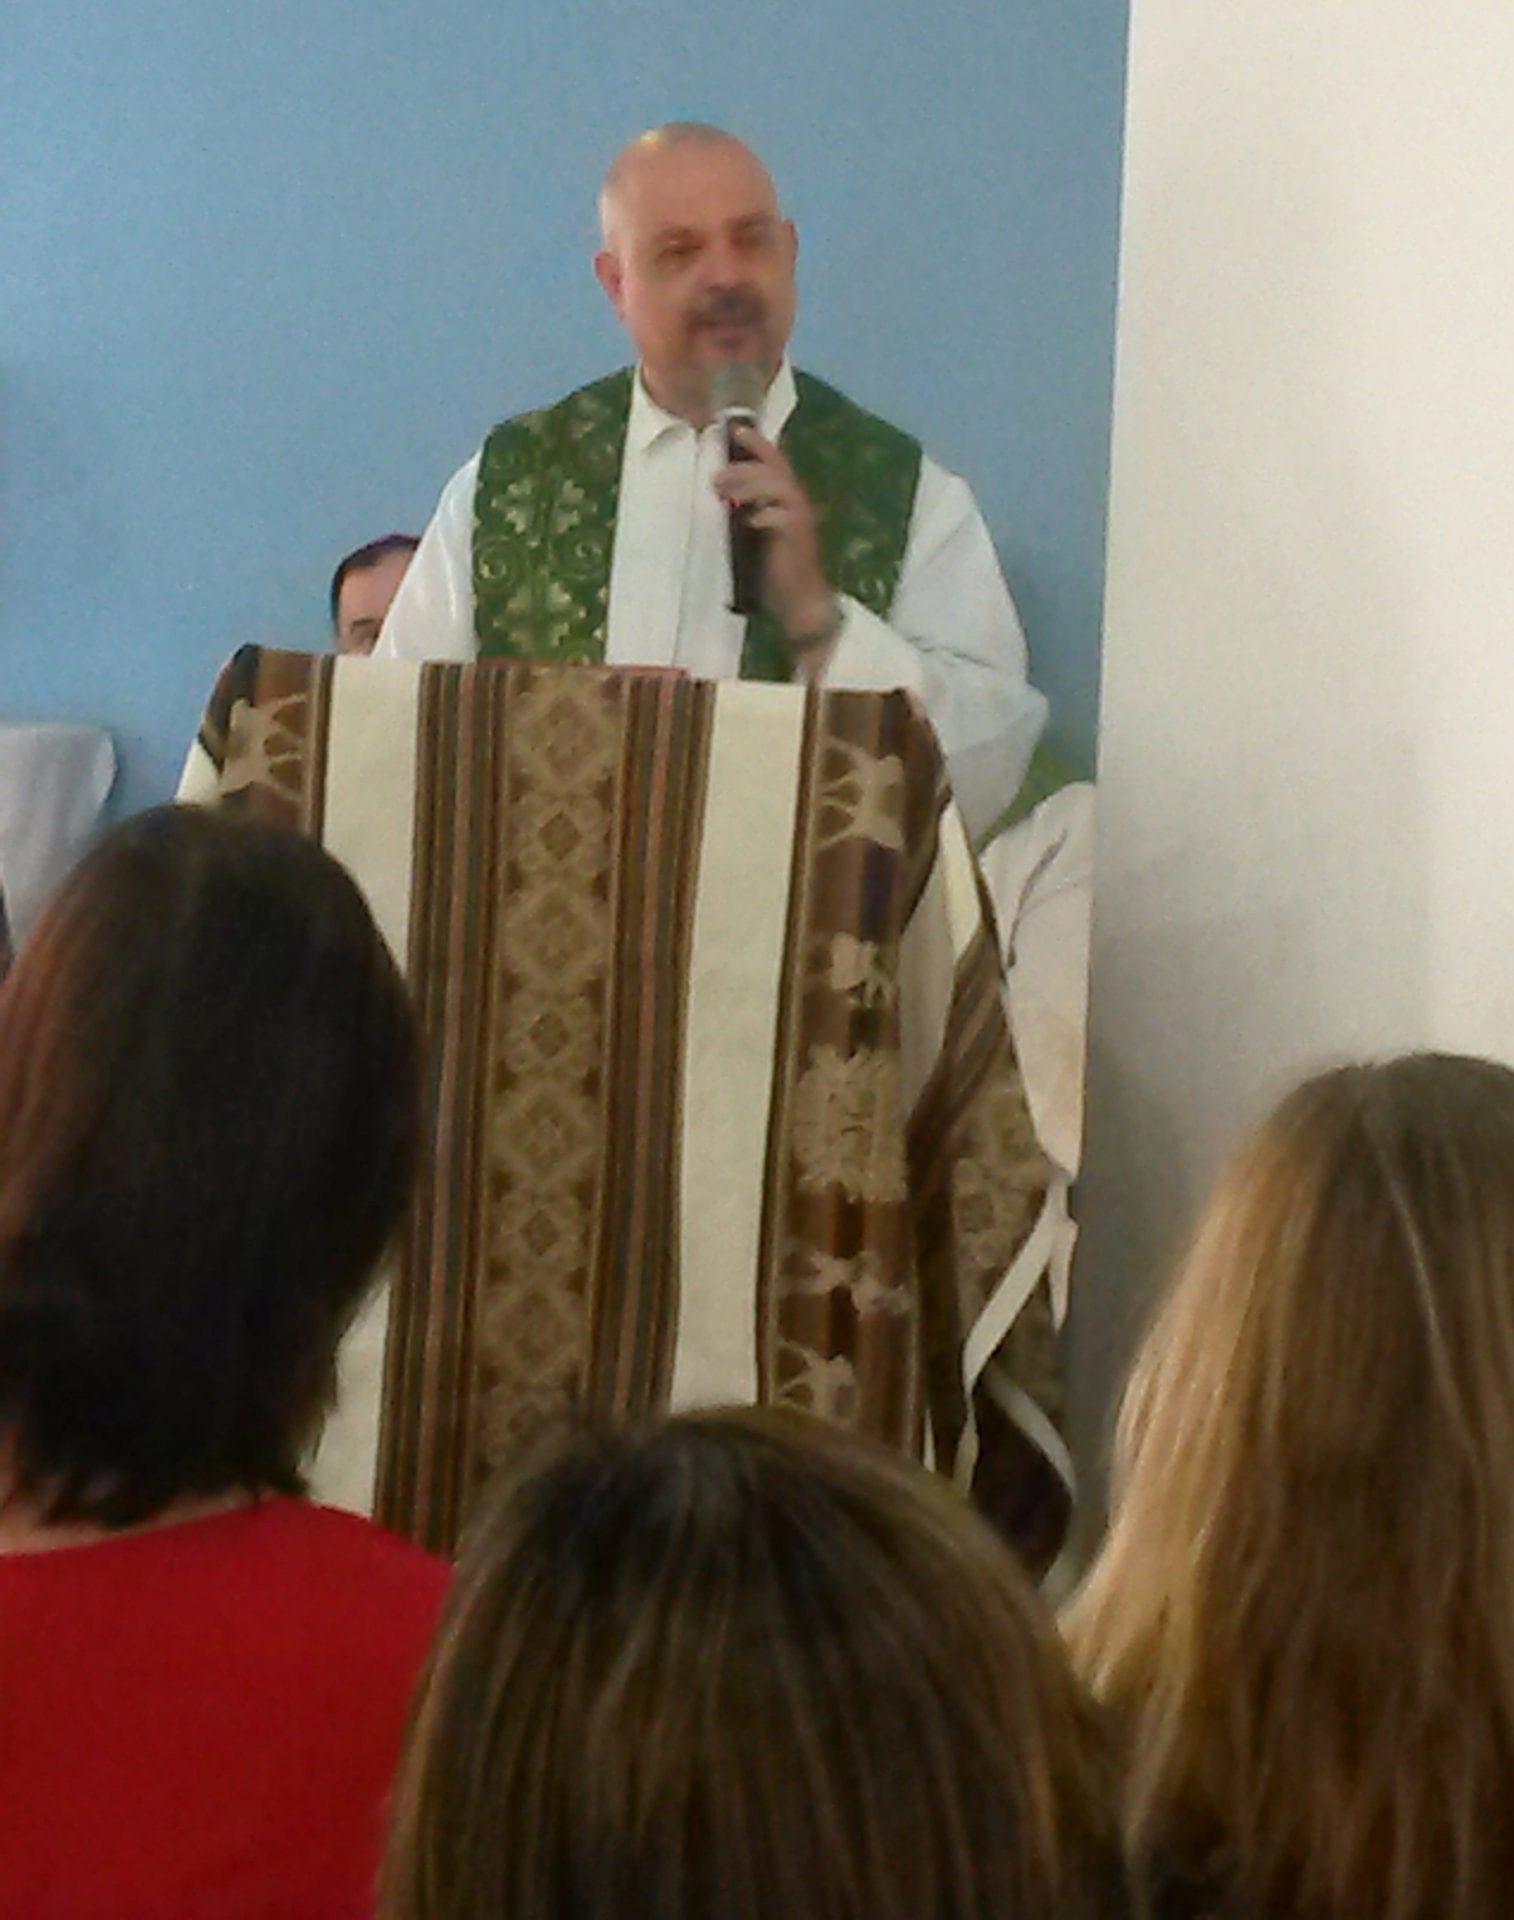 Encontro de Catequese e Liturgia com Inspiração Catecumenal